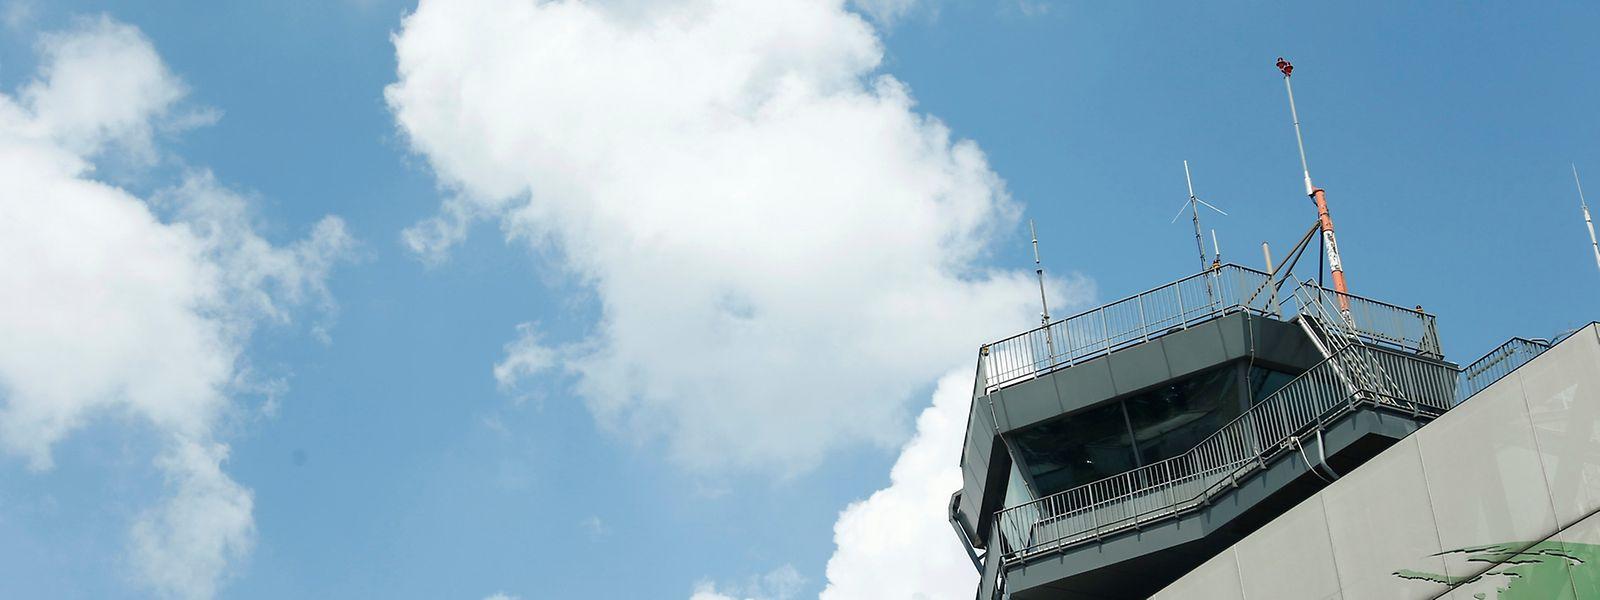 Der Flughafen gehört zu 82,5 Prozent dem Land Rheinland-Pfalz, zum kleineren Teil liegen die Anteile bei Hessen.